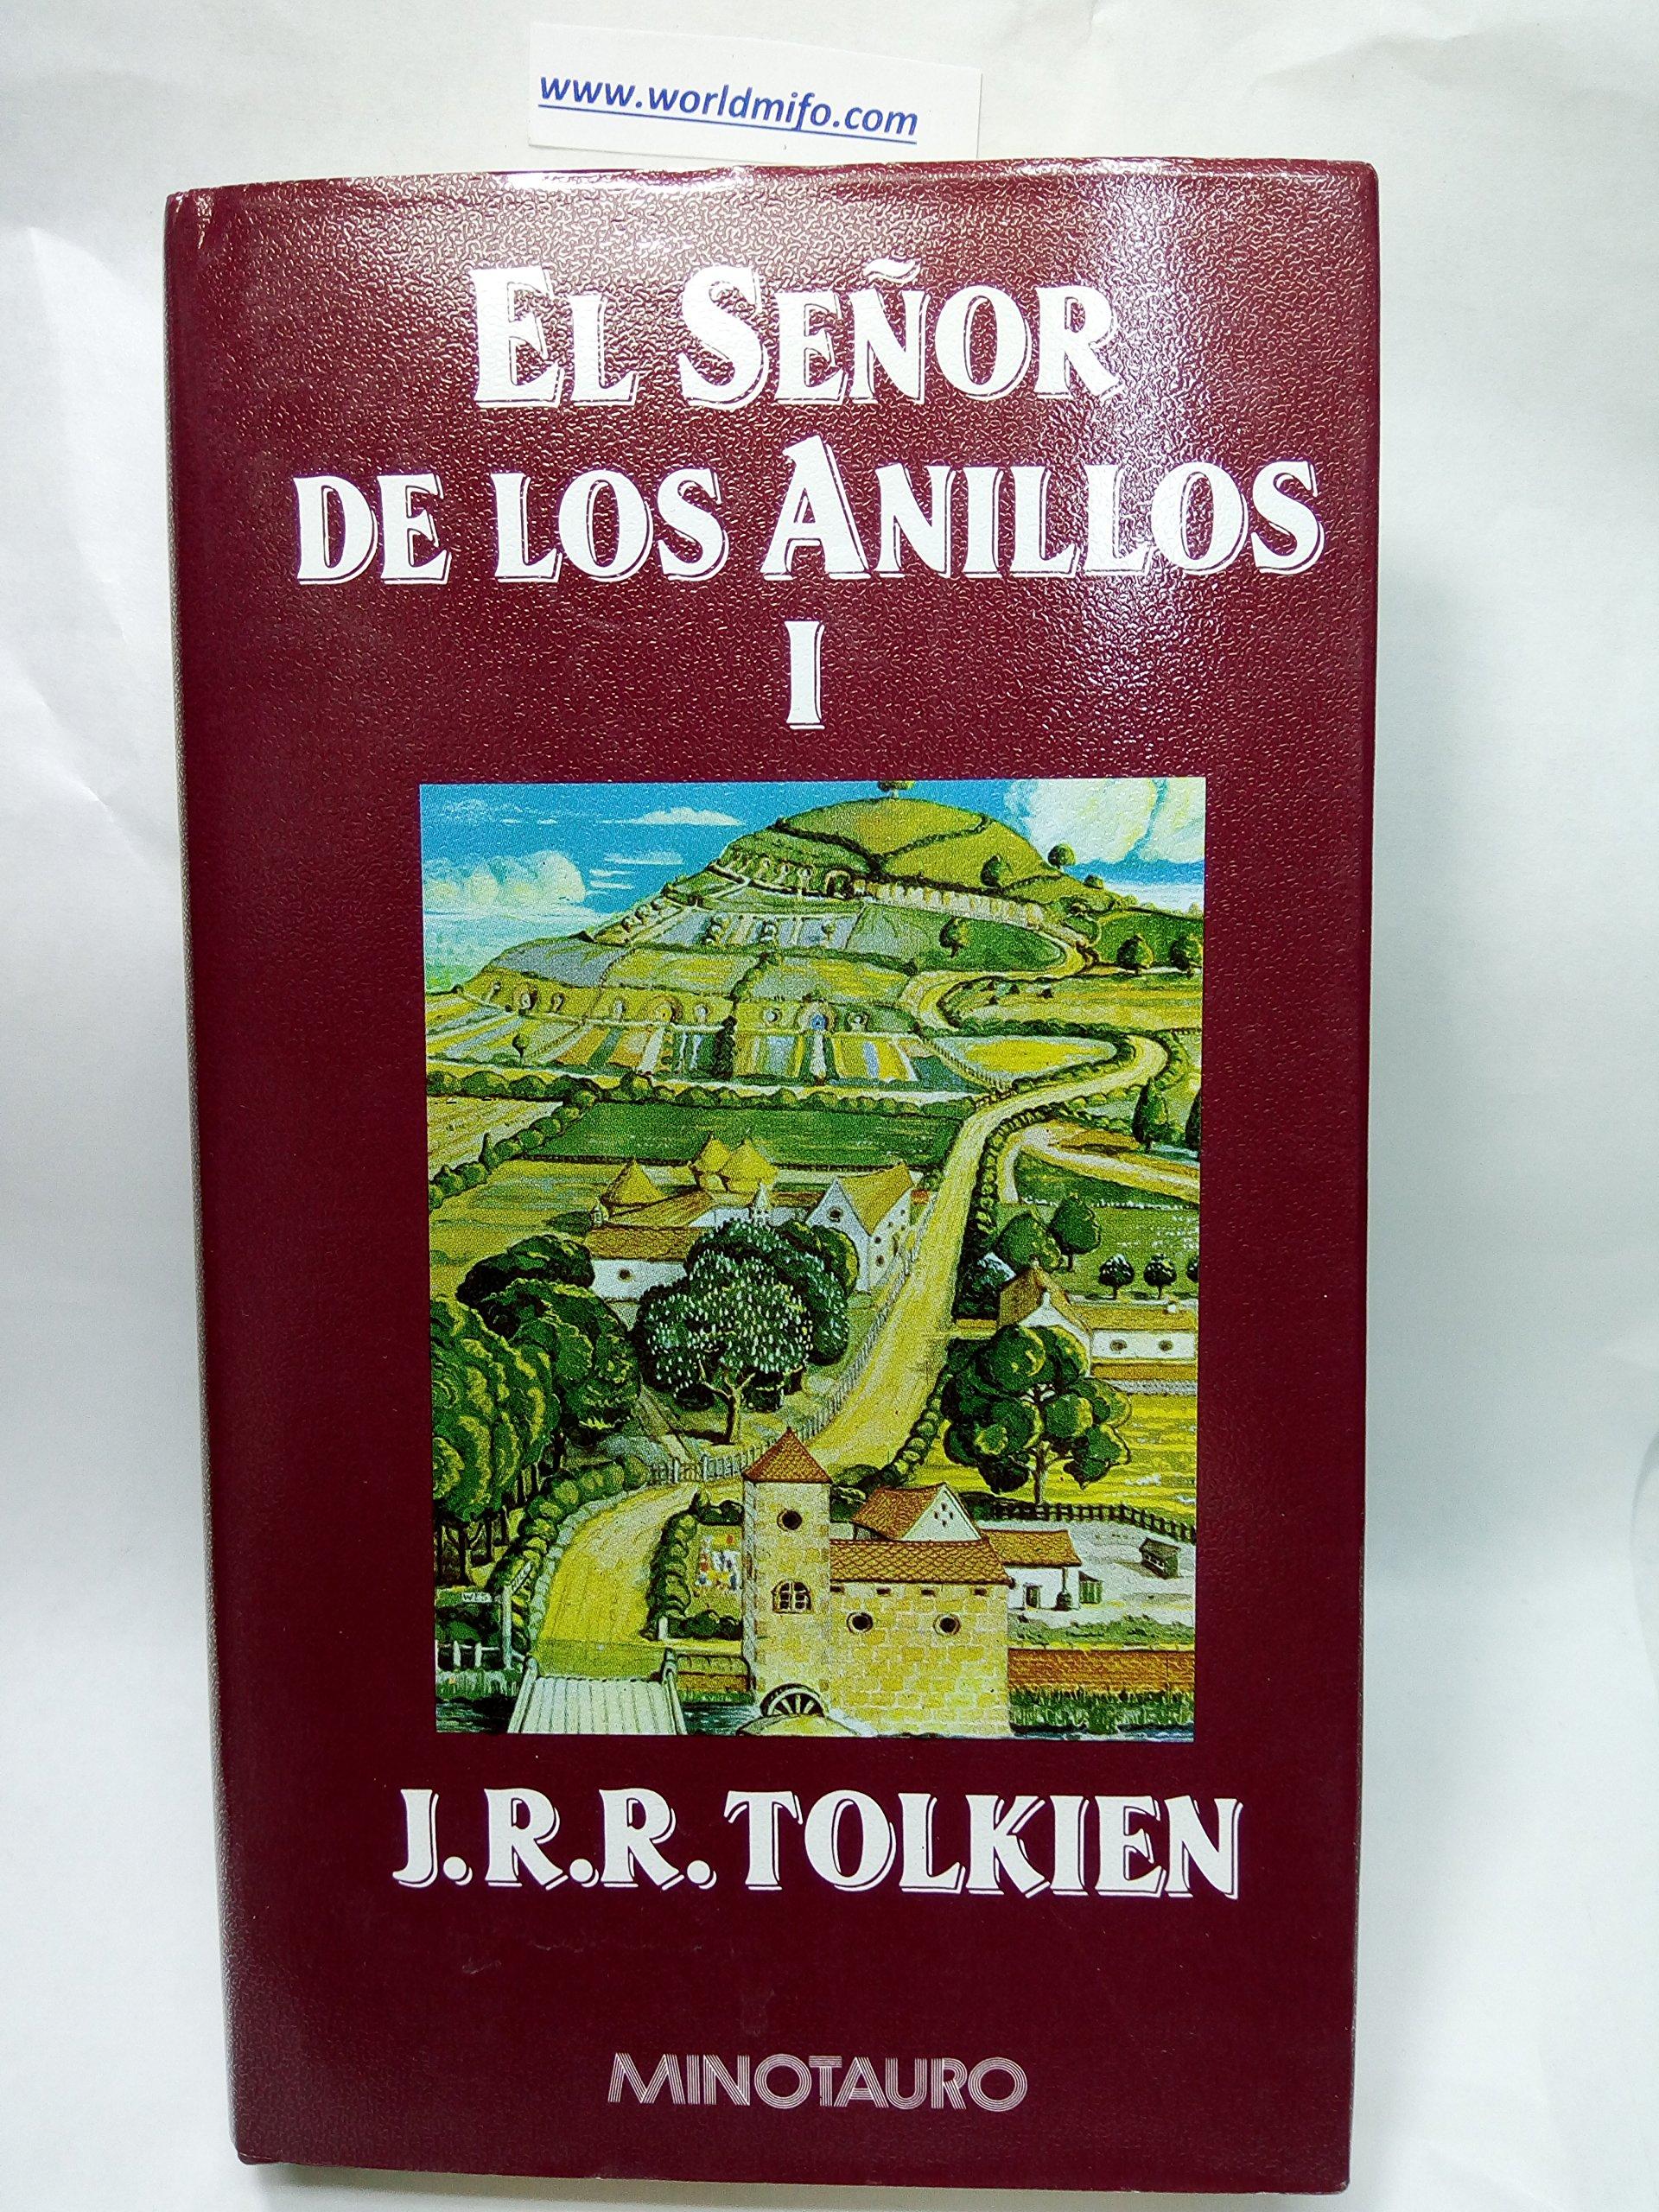 La Comunidad del Anillo El Señor de los Anillos, Vol. 1: Amazon.es: J.R.R. Tolkien: Libros